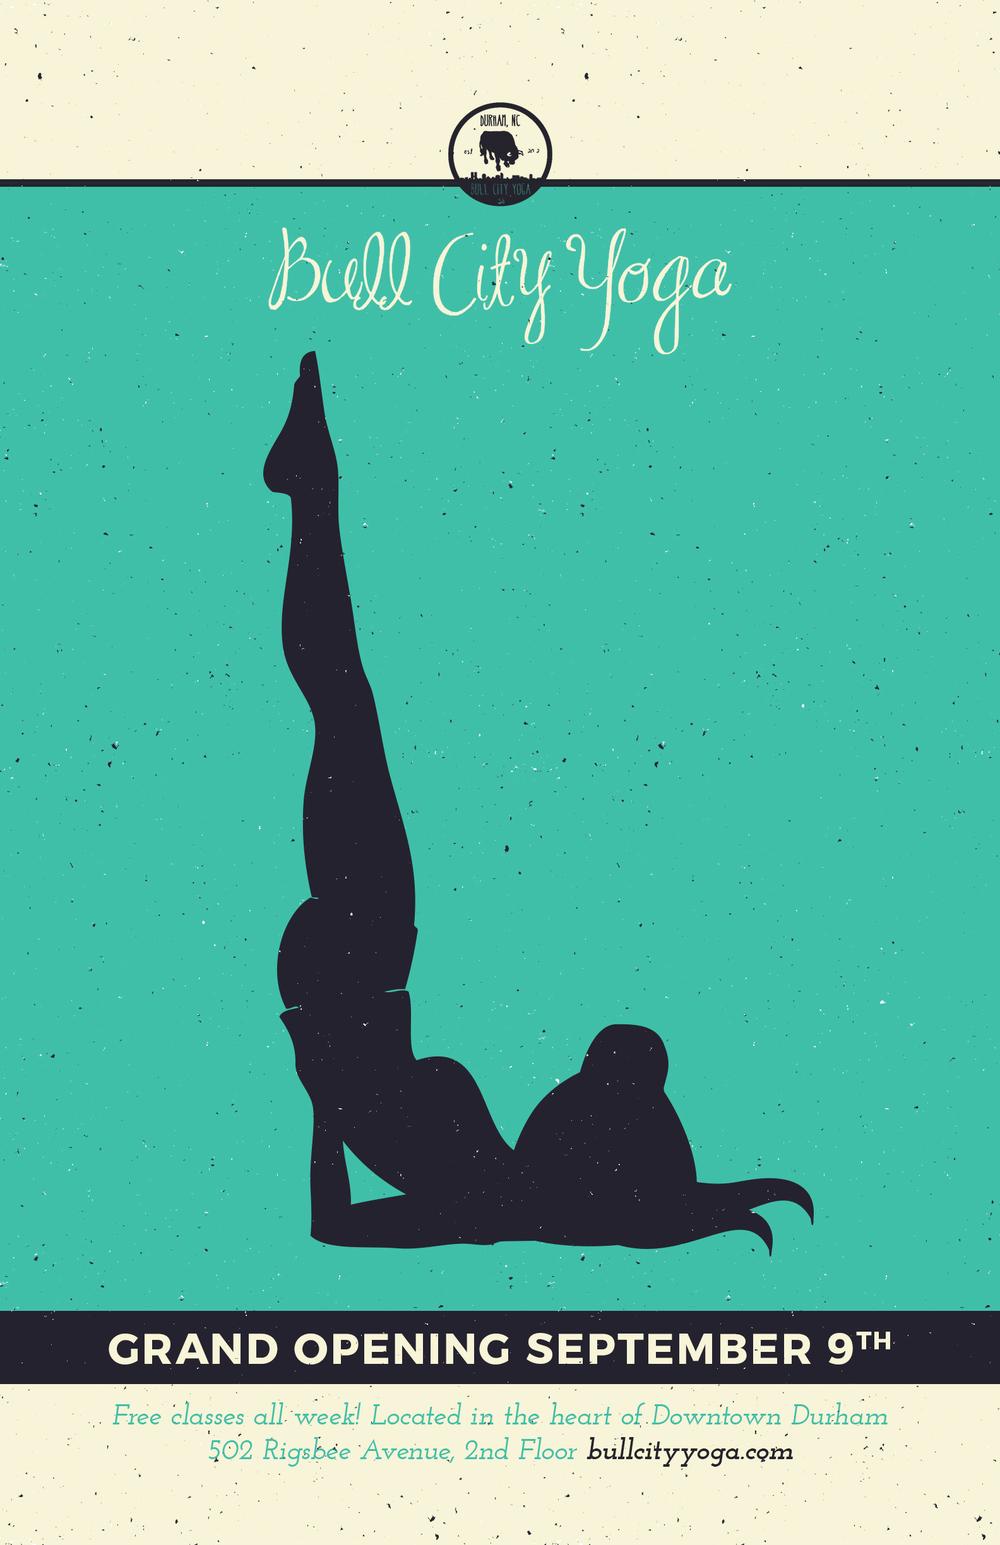 Bull City Yoga Meg Douglass